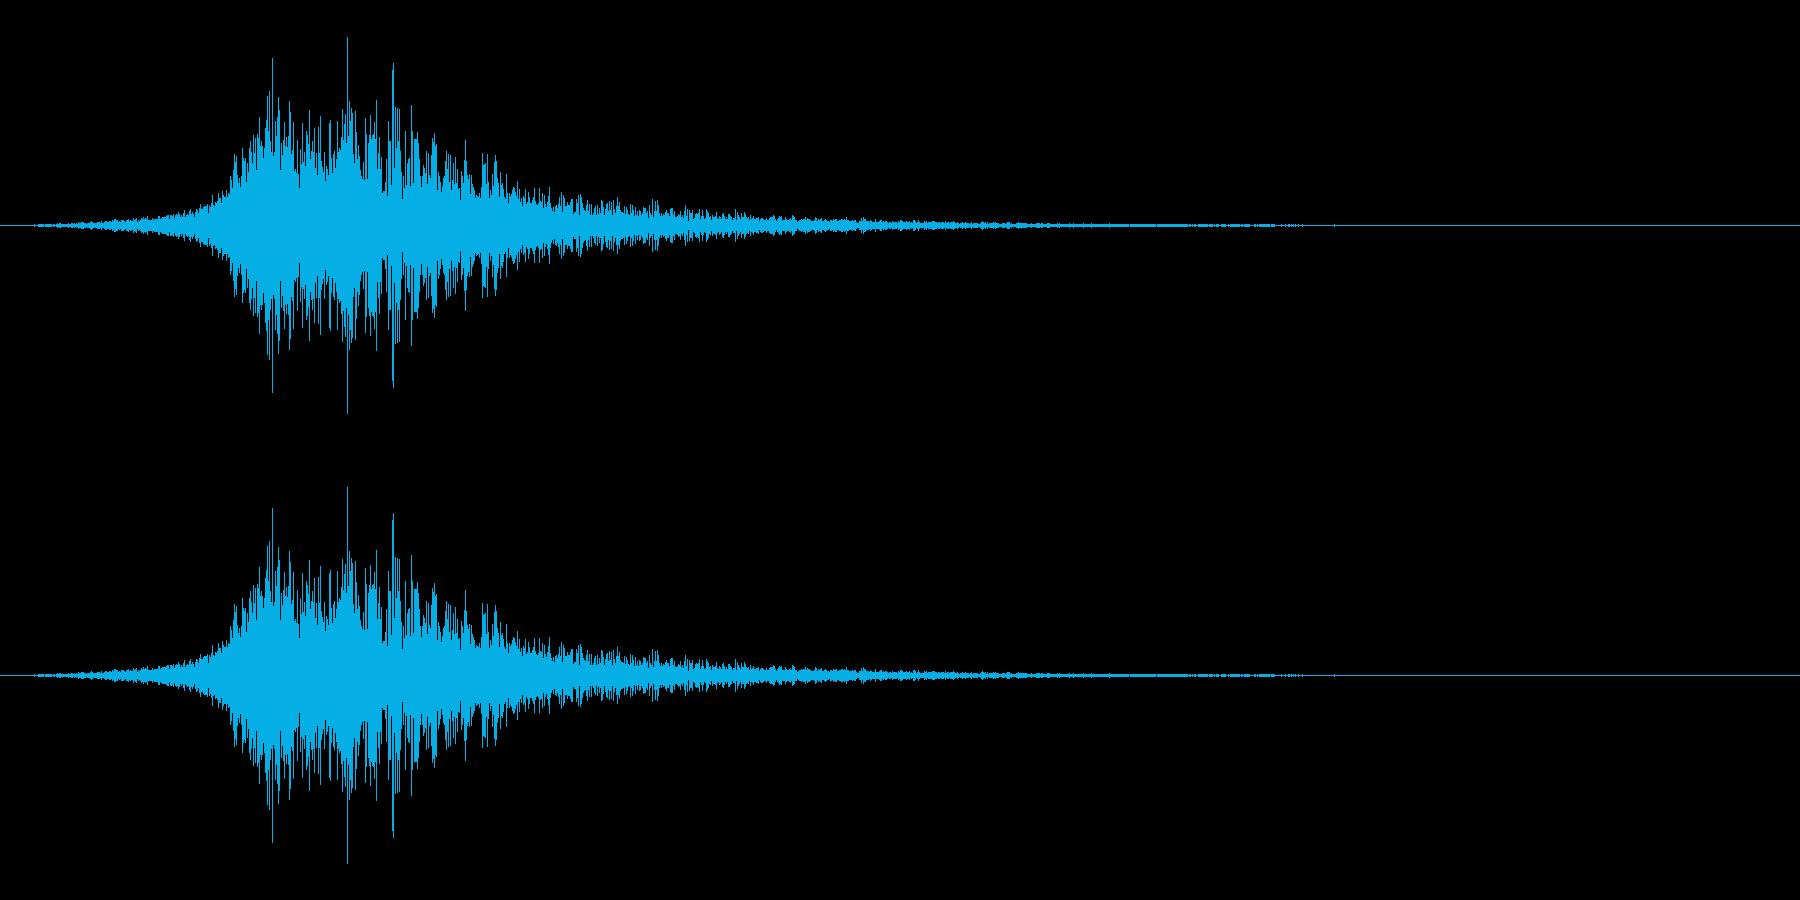 シューッという音EC02_55_3の再生済みの波形